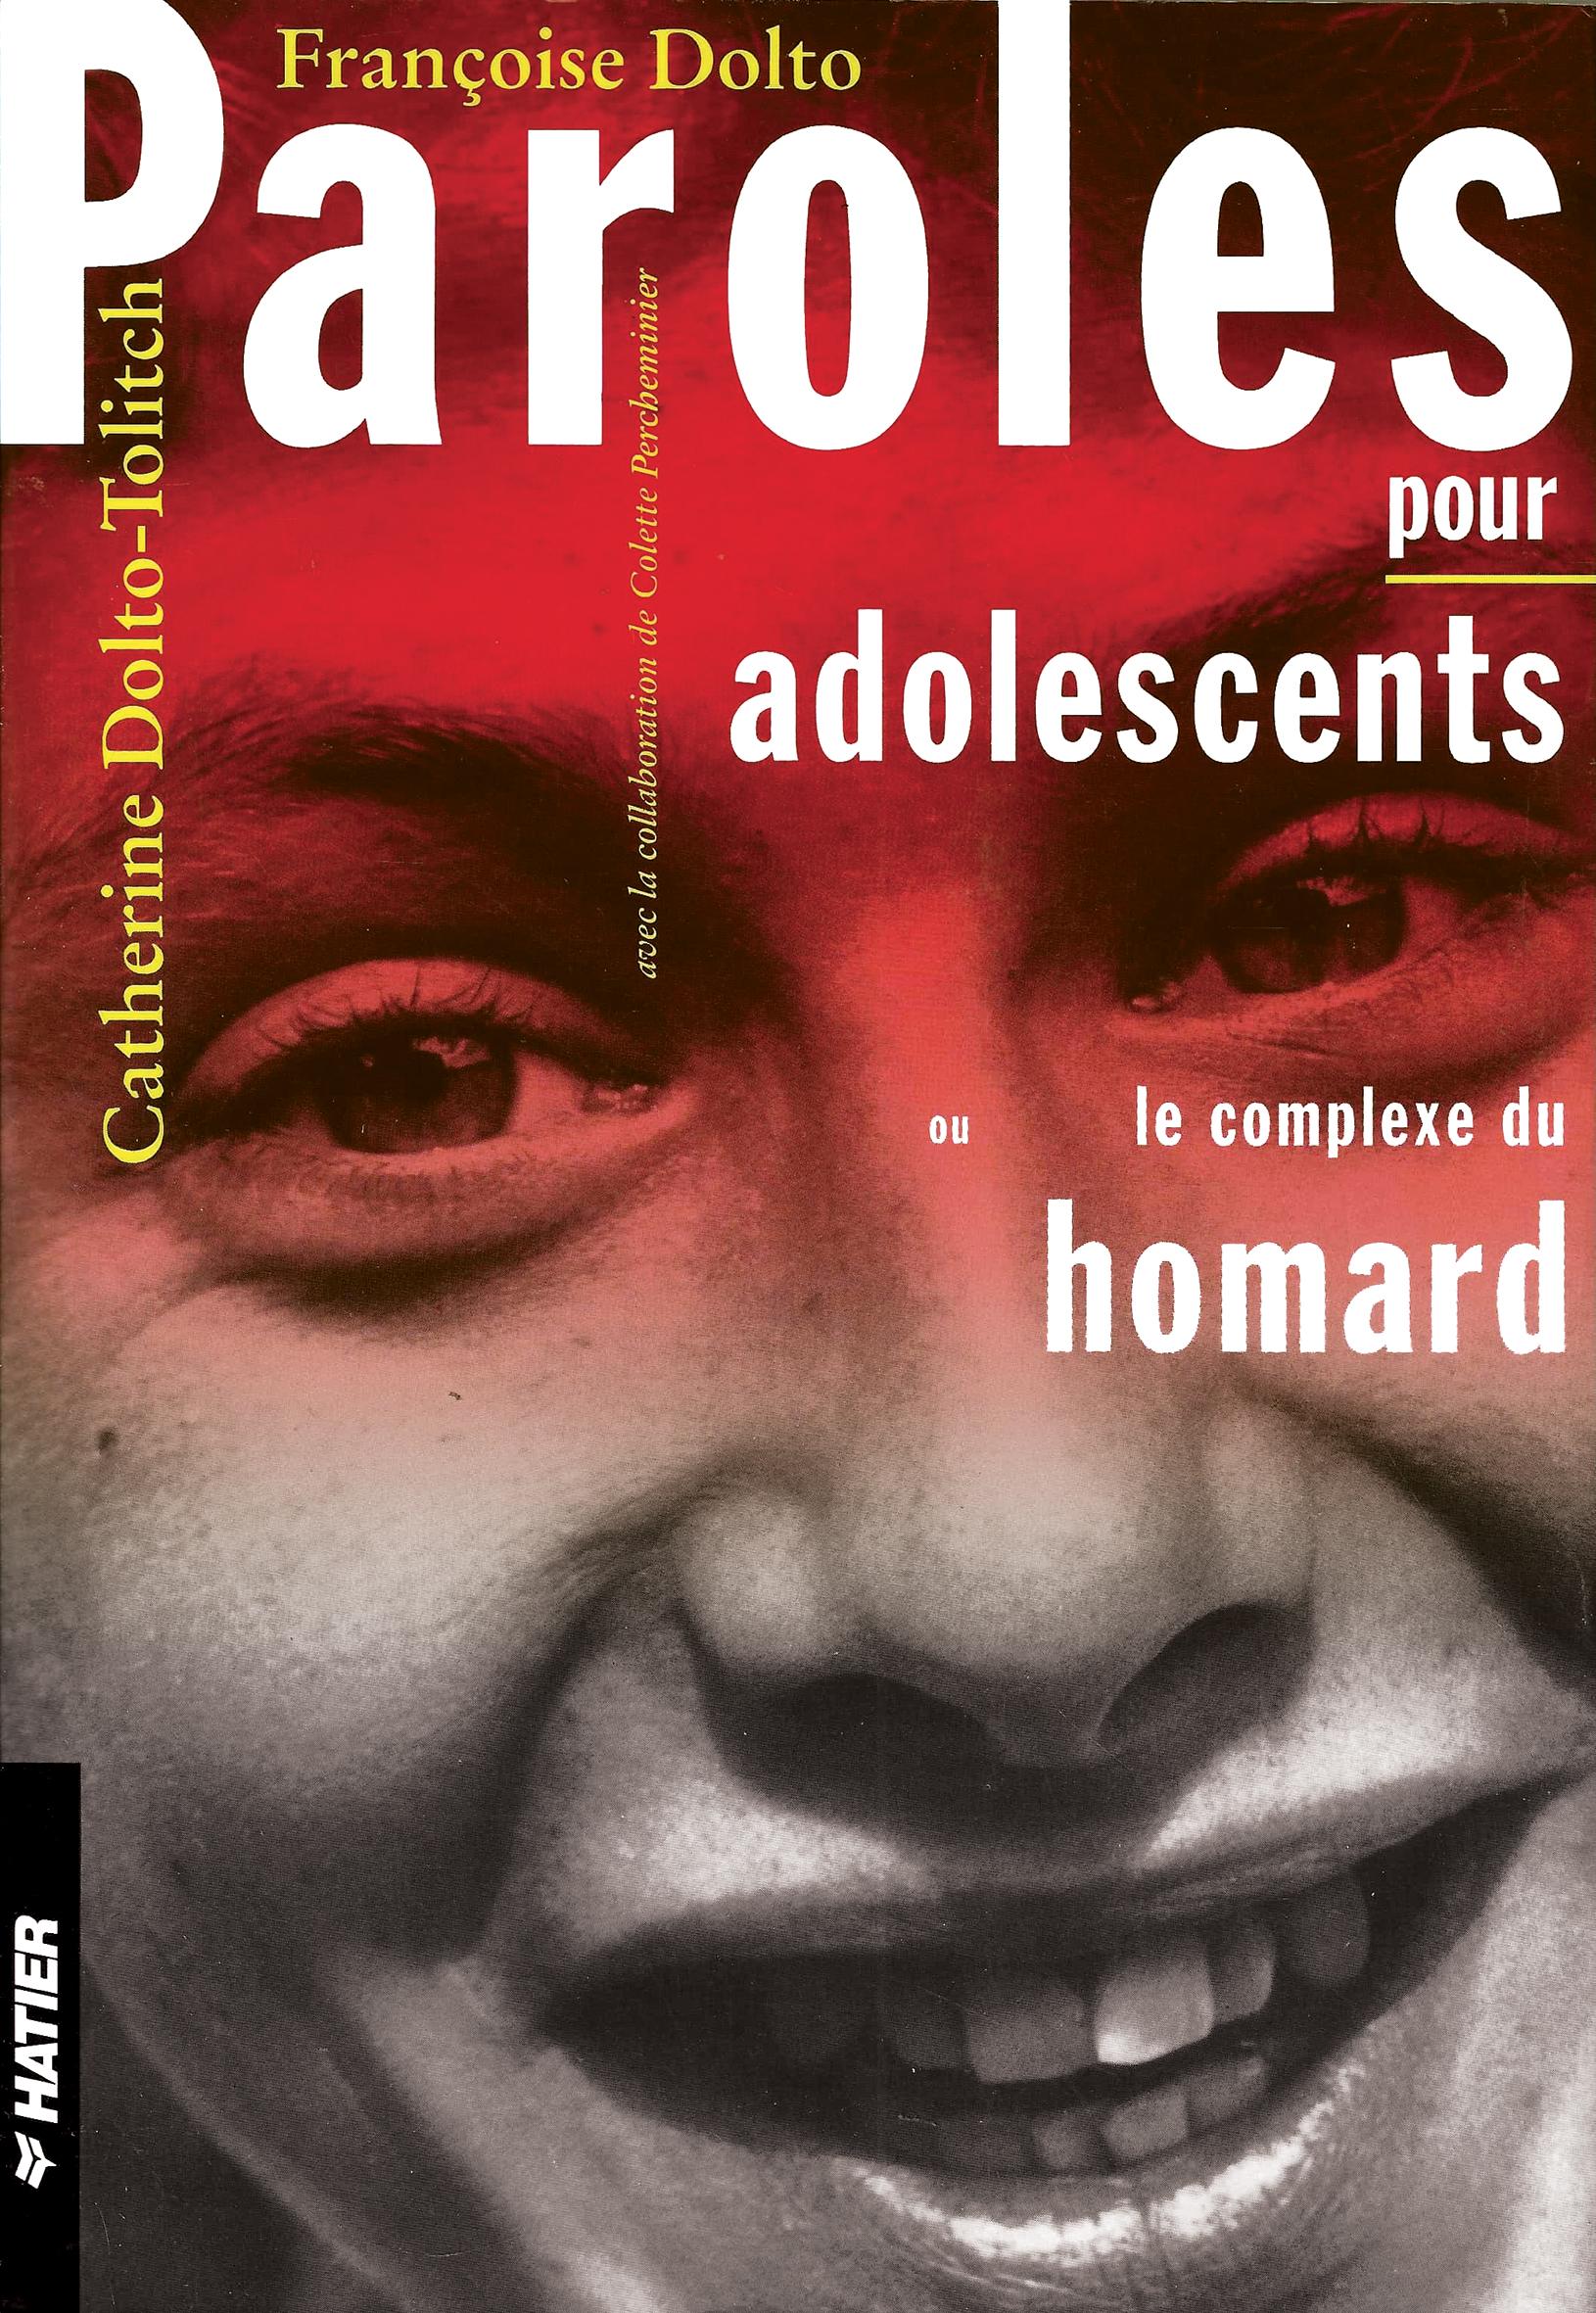 Paroles Pour Adolescents Ou Le Complexe Du Homard : paroles, adolescents, complexe, homard, Paroles, Adolescents, Françoise, Dolto, Fonts